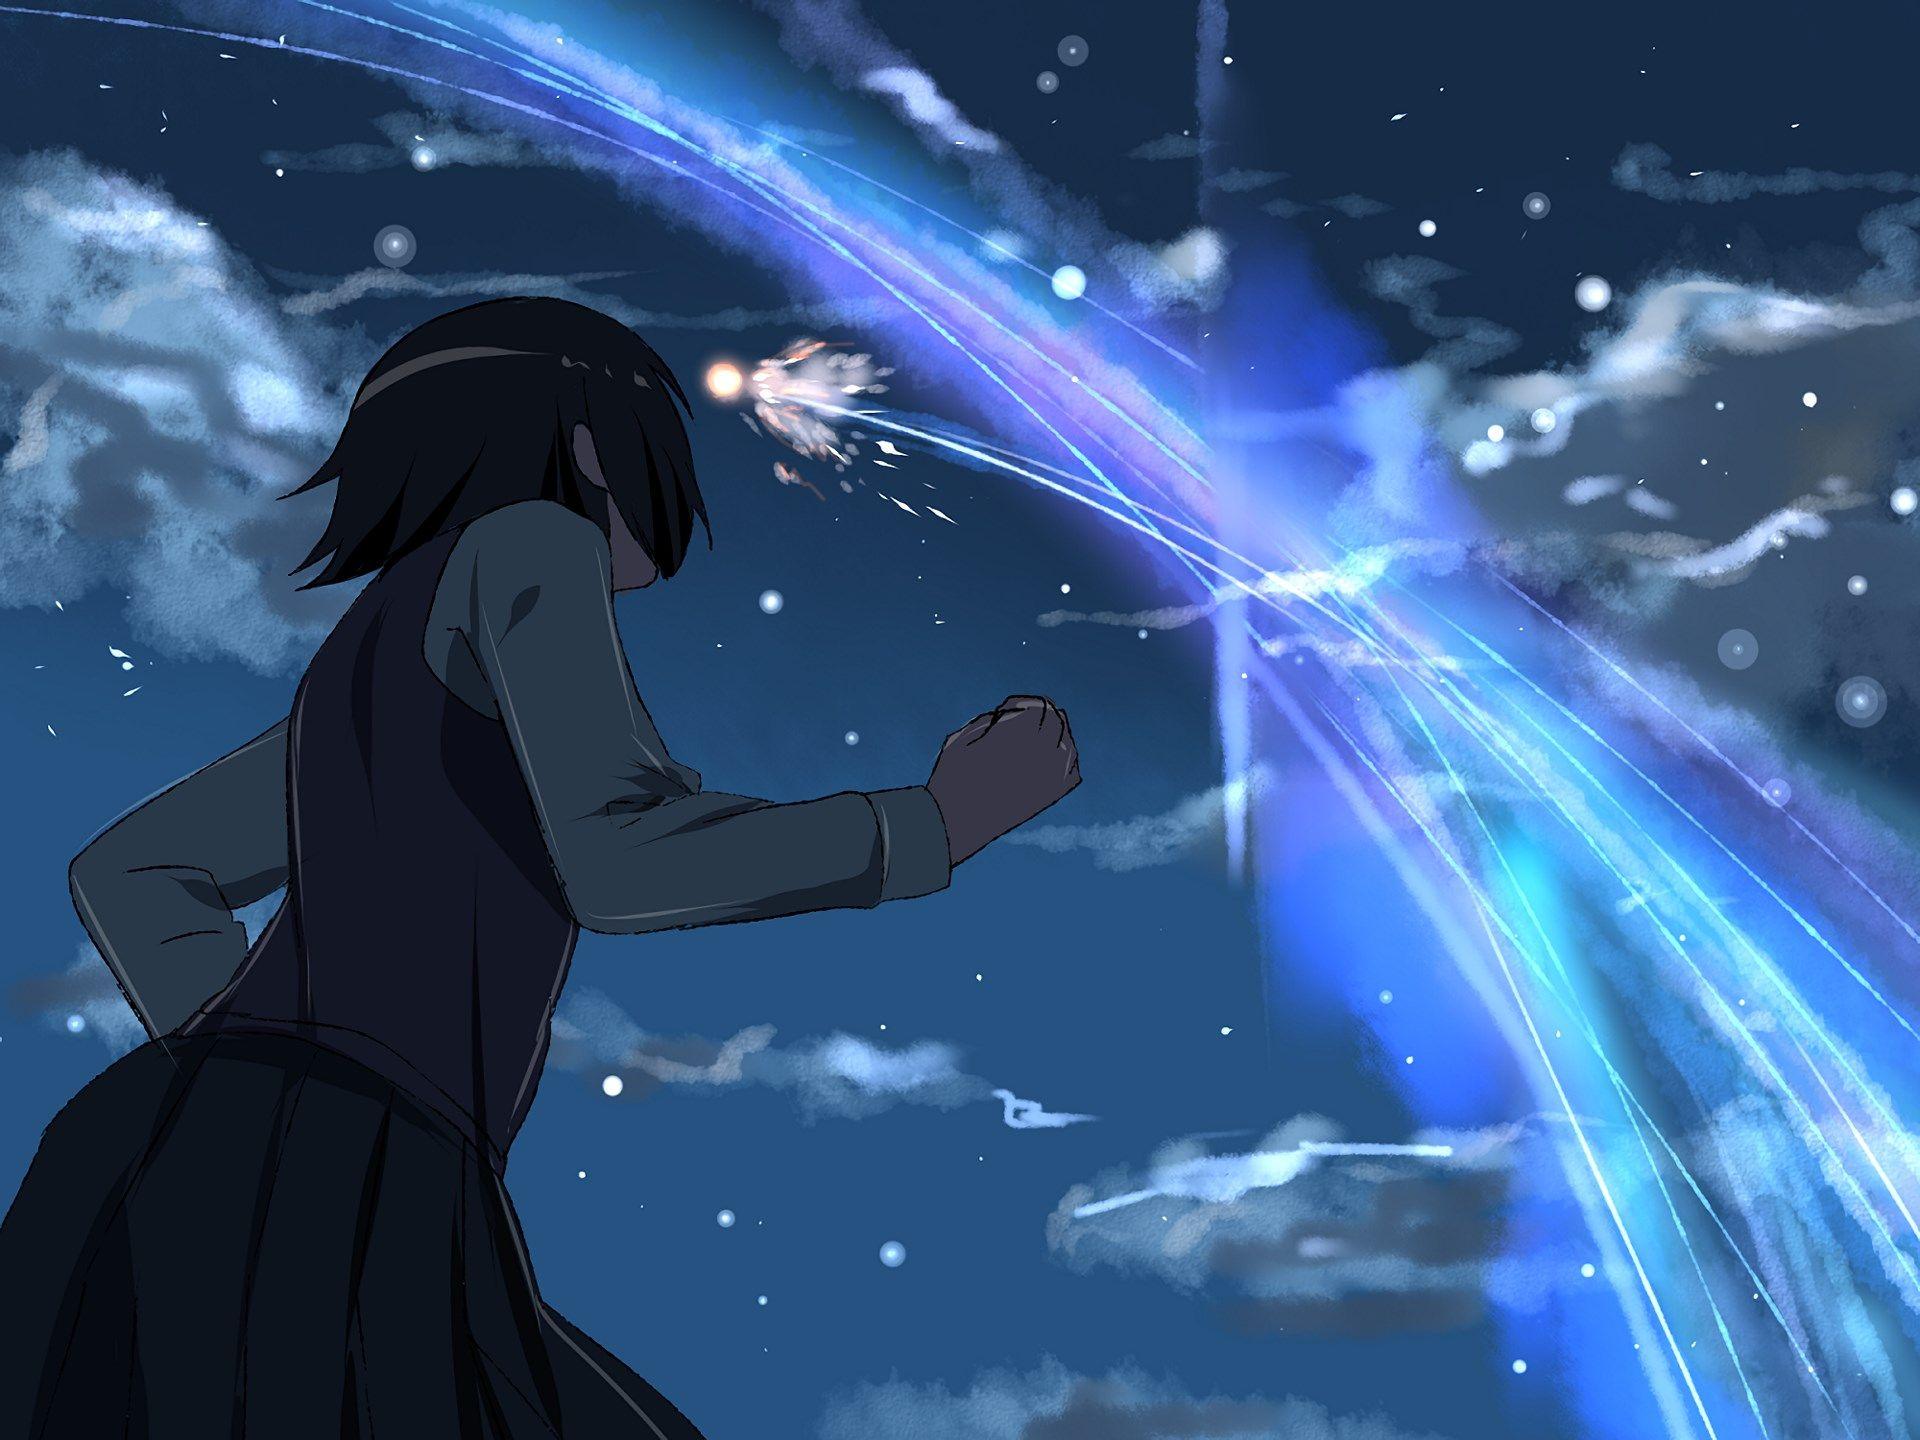 Mitsuha Miyamizu ღ By Makoto Shinkai